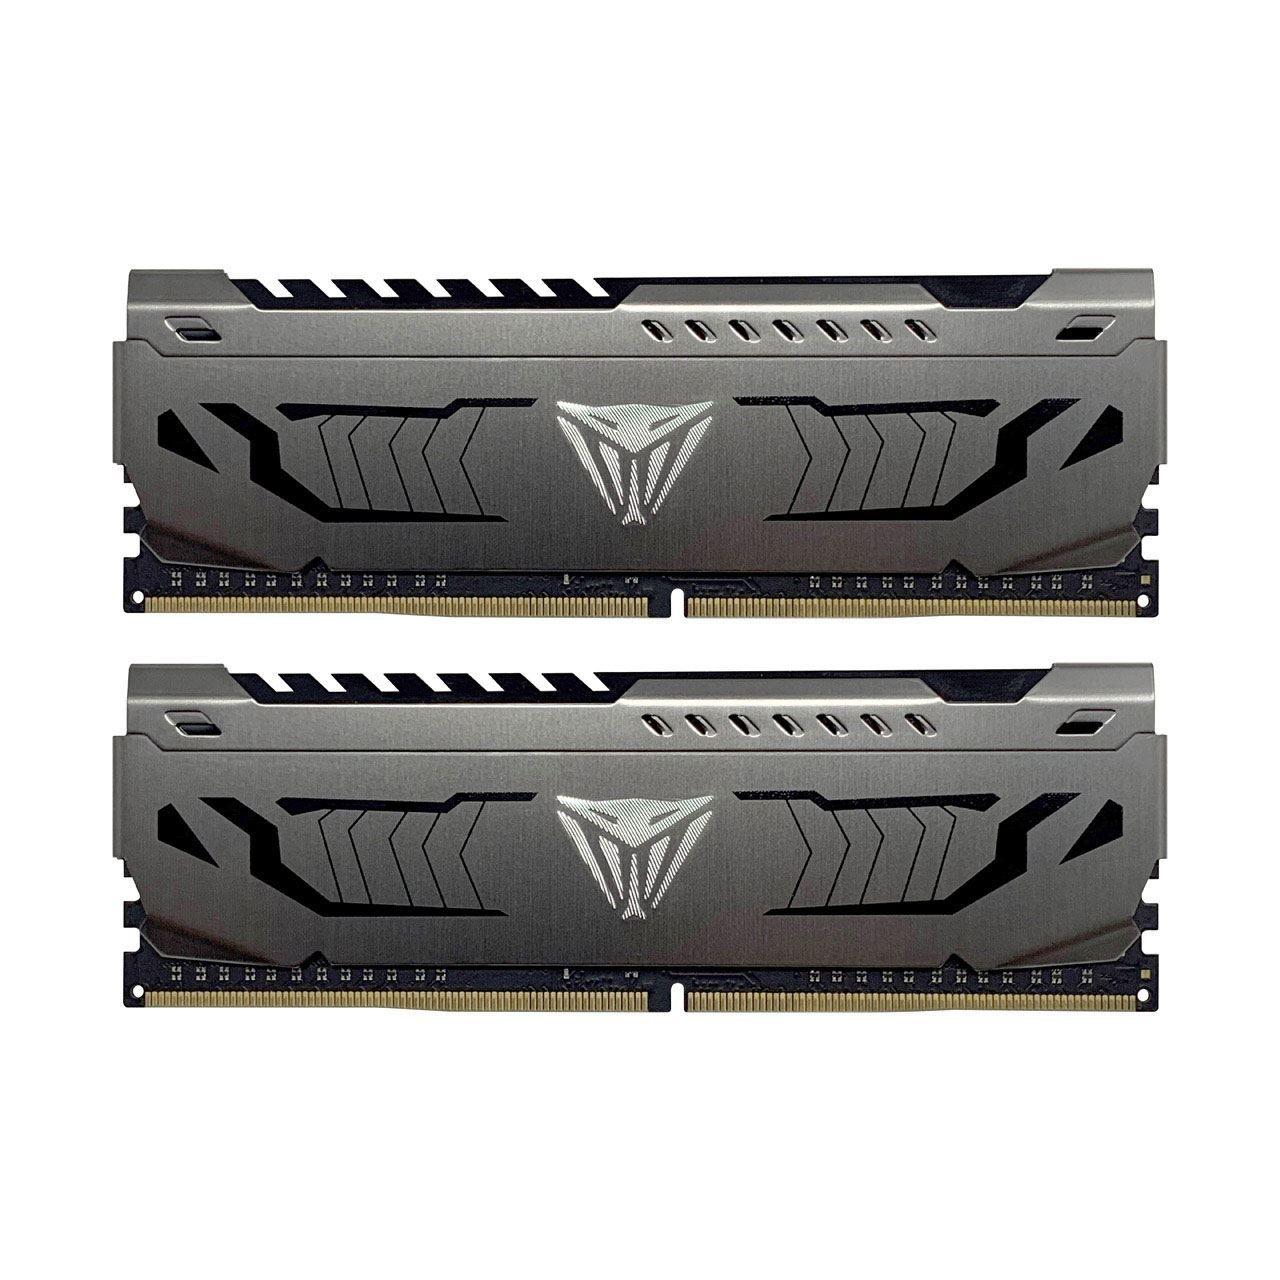 2x 8GB Patriot Viper Steel DDR4 4000MHz CL19 Samsung B-Die PVS416G400C9K